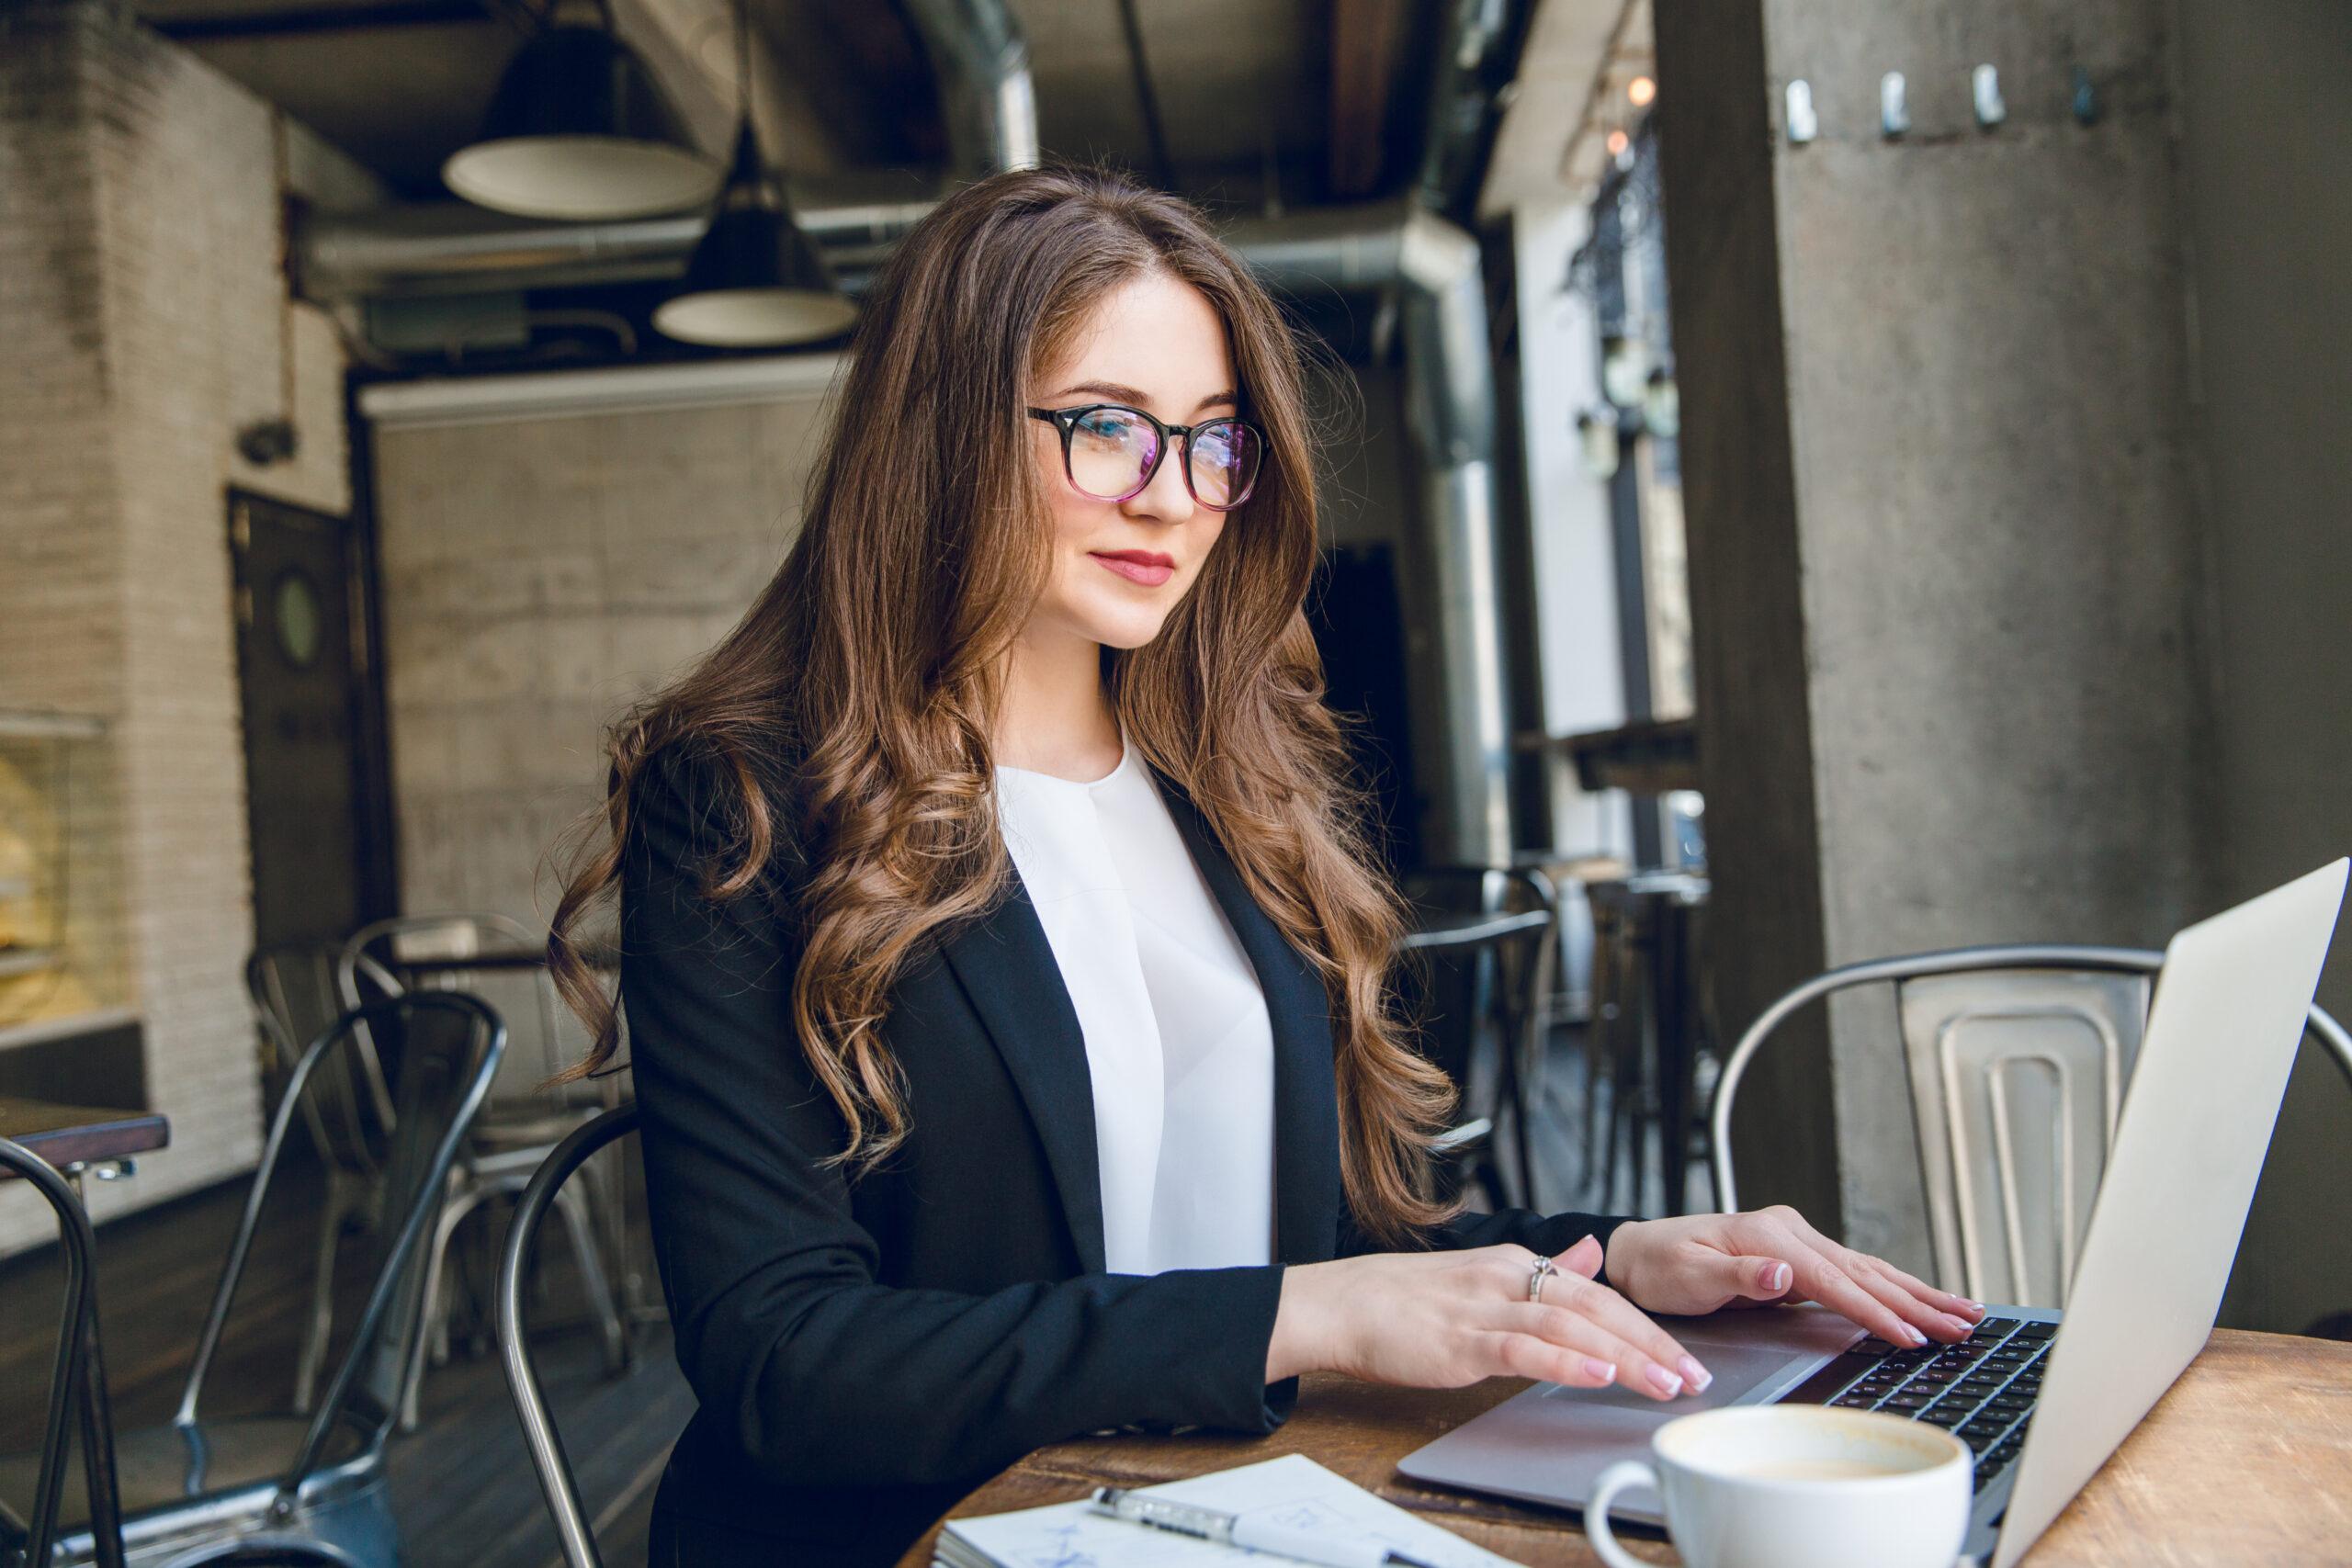 Cómo triunfar en una entrevista laboral por internet